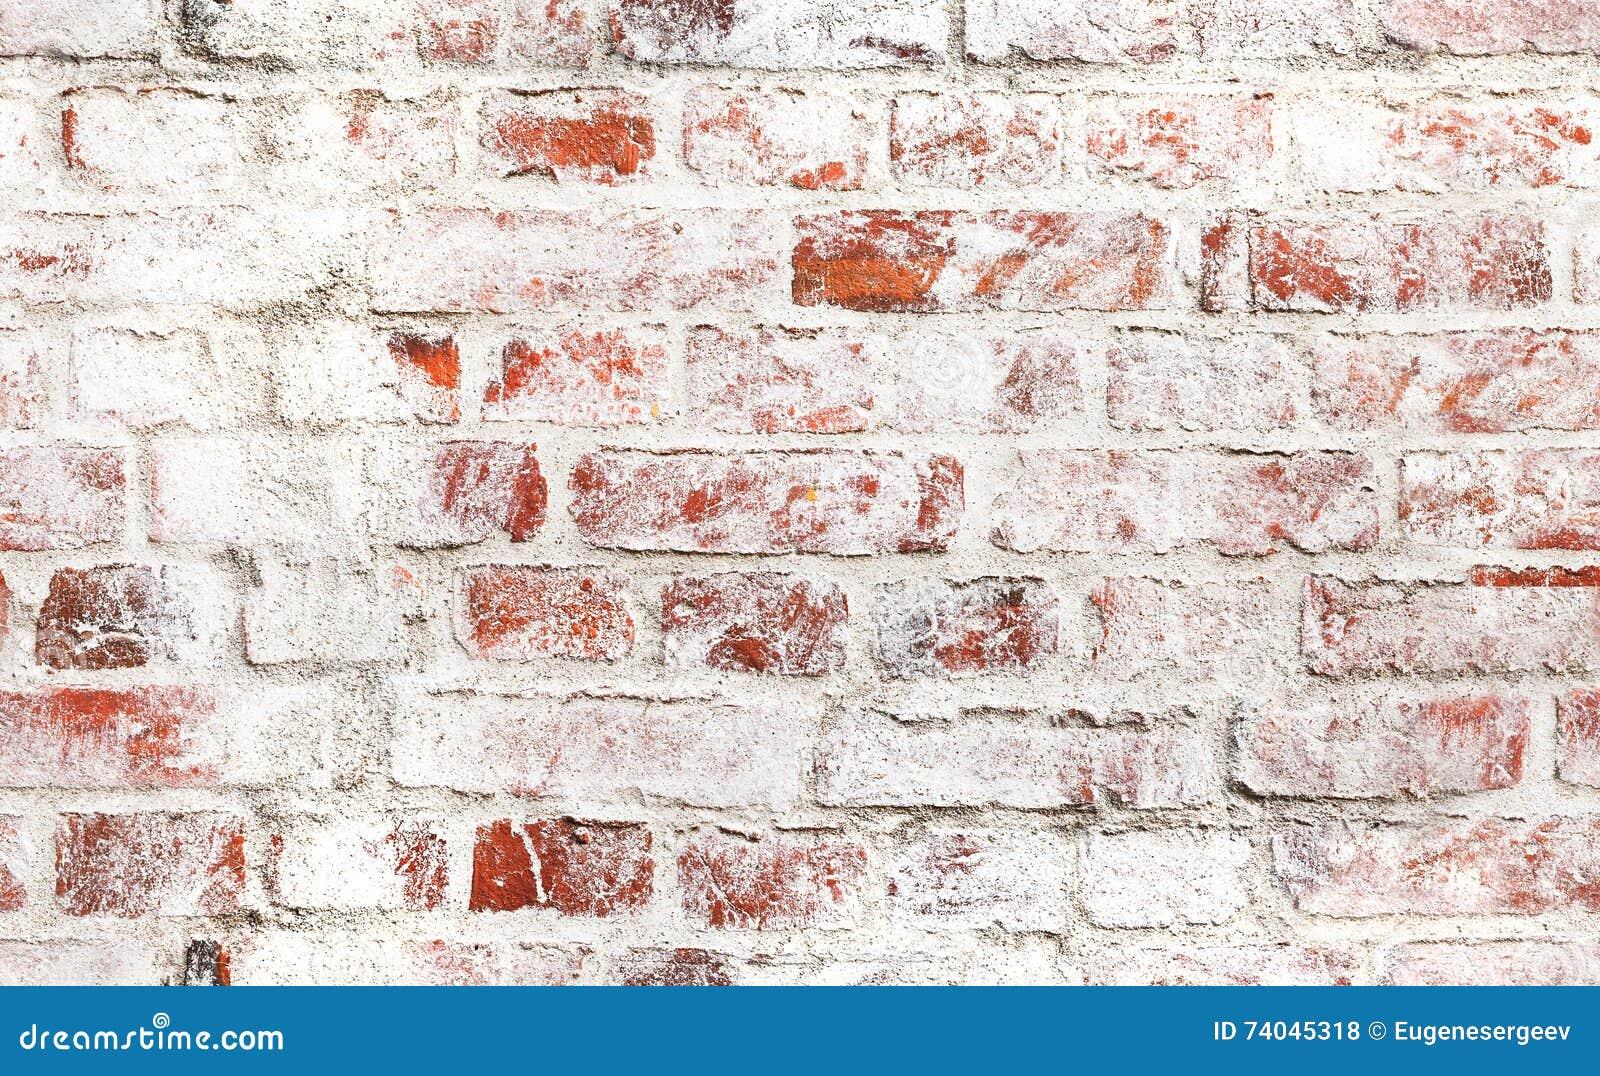 vieux mur de briques rouge avec la peinture blanche. Black Bedroom Furniture Sets. Home Design Ideas